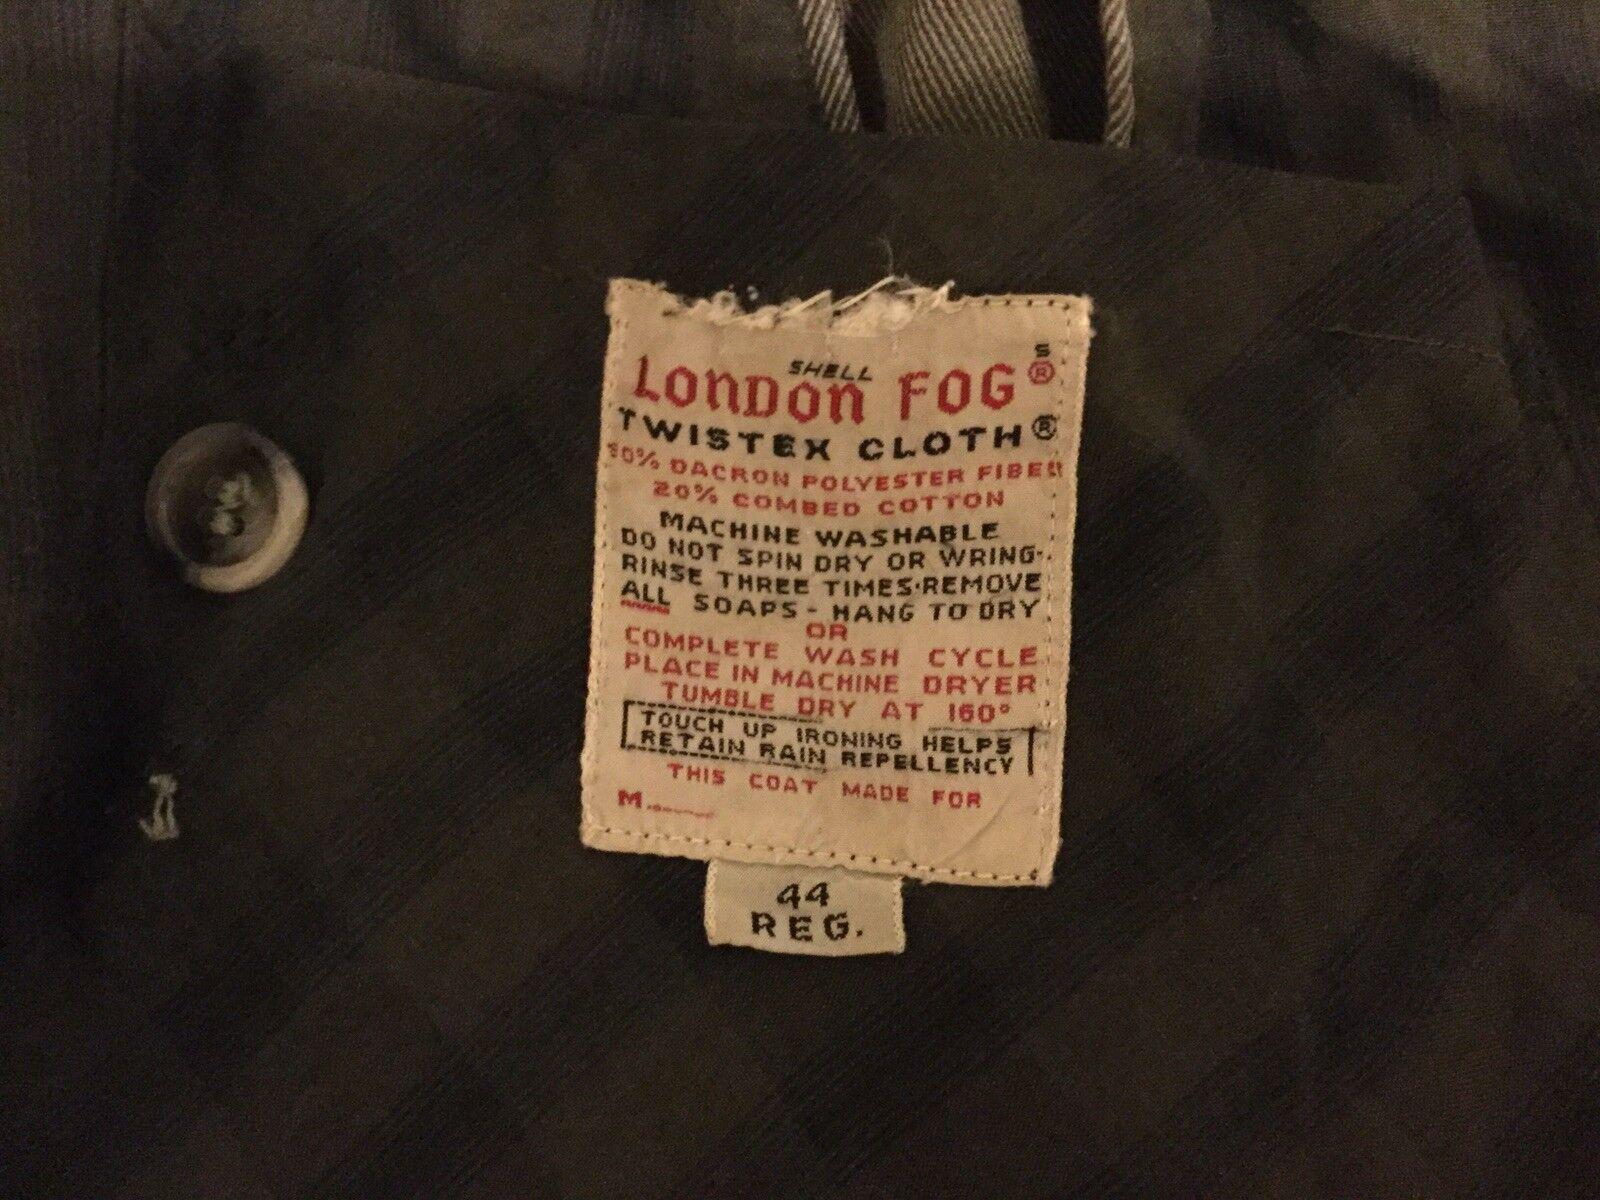 Vintage excellent état utilisé LONDON FOG Beige Bouton TWISTEX hommeteau avec motif écossais Liner & Cape Manteau Poches